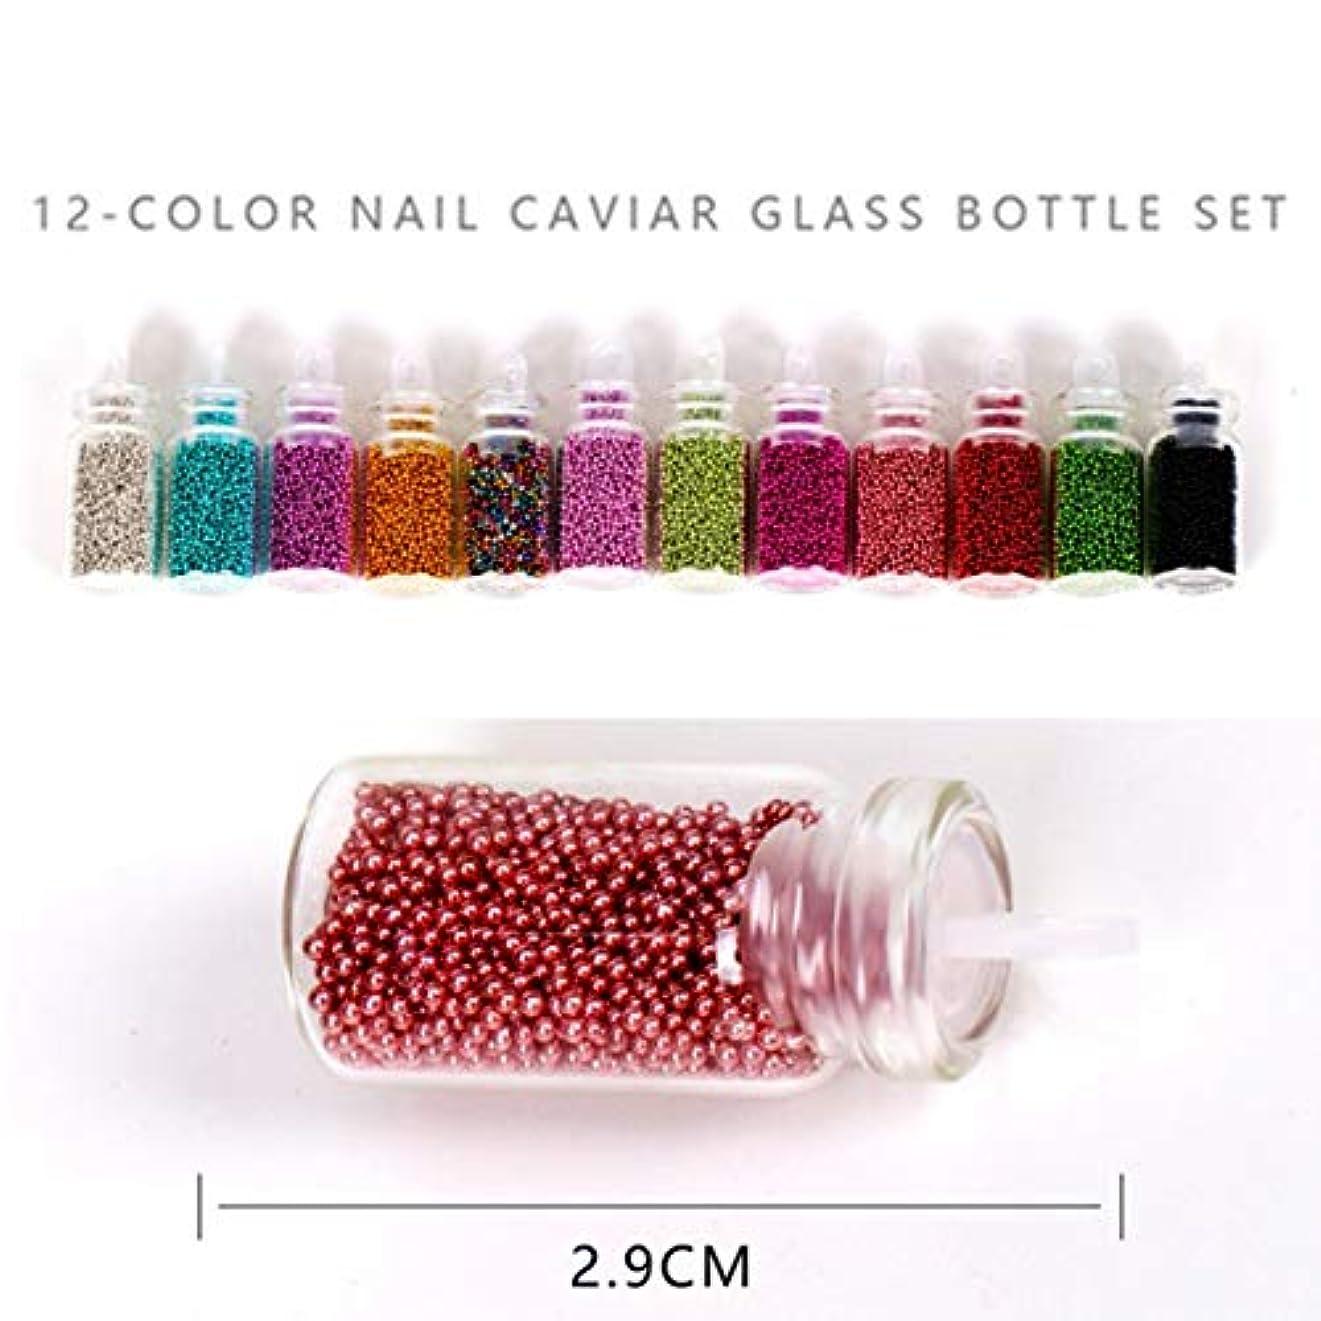 うがい回想枯渇Quzama-JS 面白いDIYネイルスチールキャビアカラー1 mm小さなスチールボール12色混合カラーネイルアート装飾スーツ(None 12 Color Caviar Set)